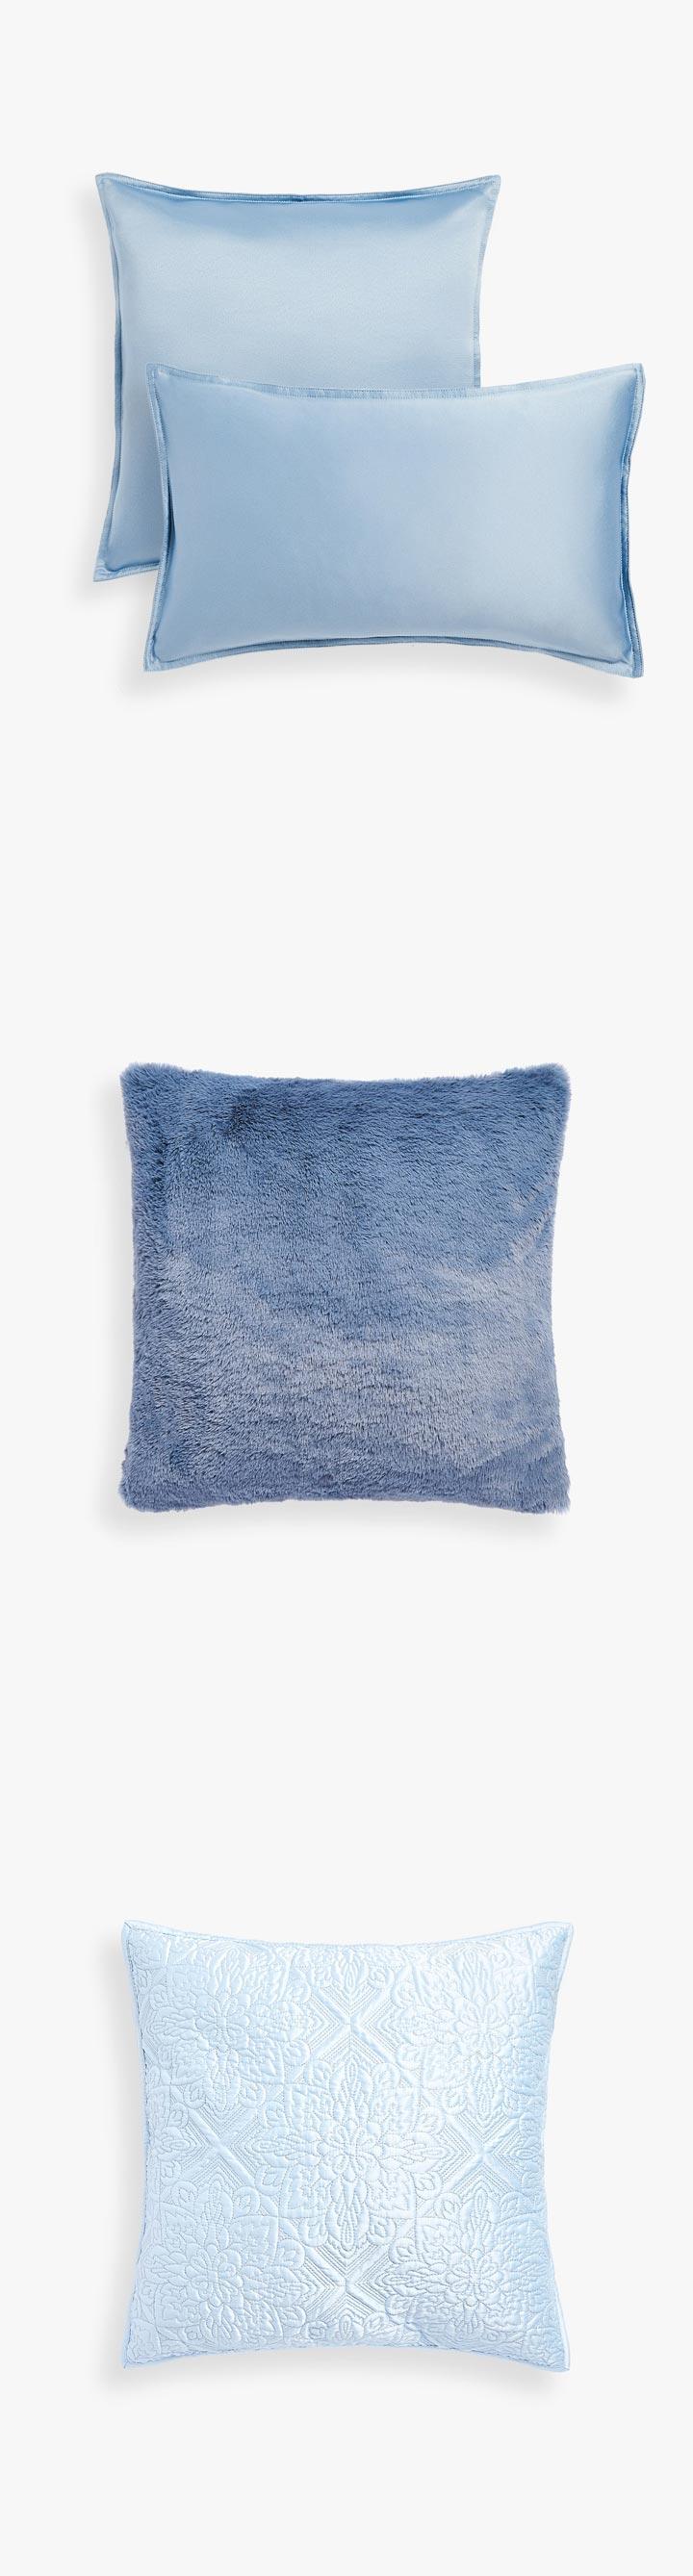 Cojines Azules Zara Home para comprar